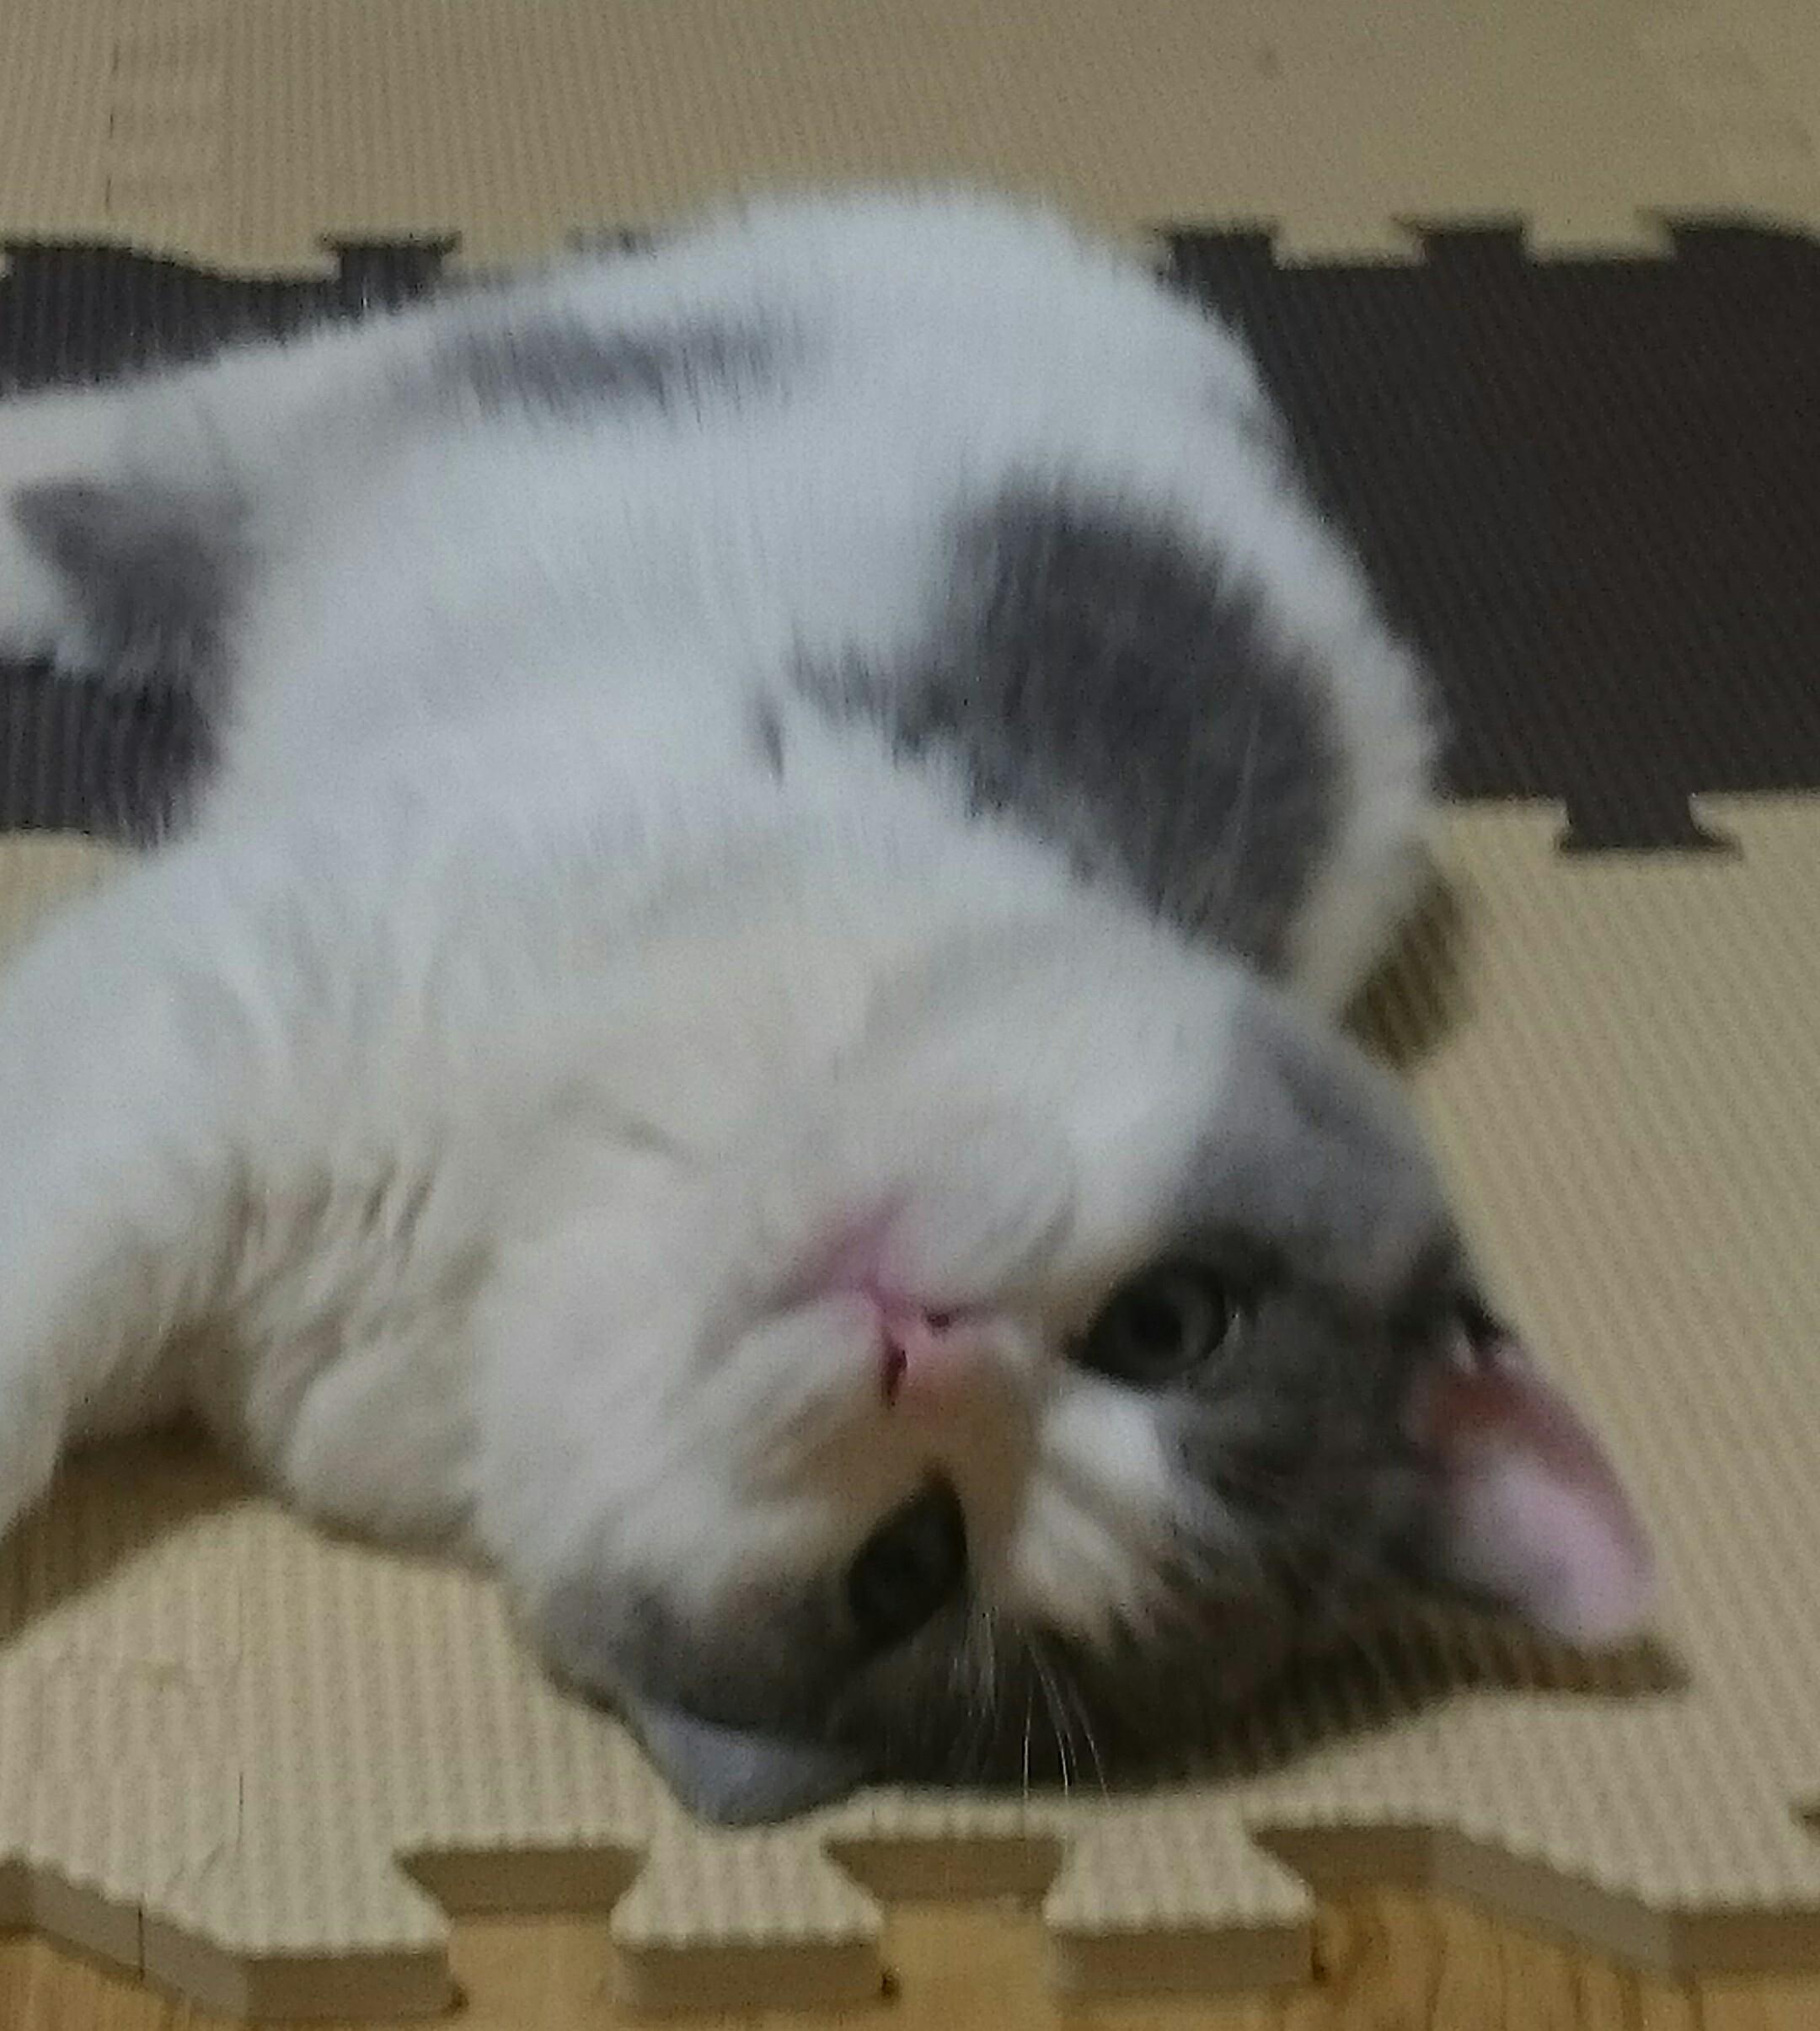 【動画】子猫さん用の餌チュールがやばい、餌をもらえないと暴れだす猫も多発・・・・・